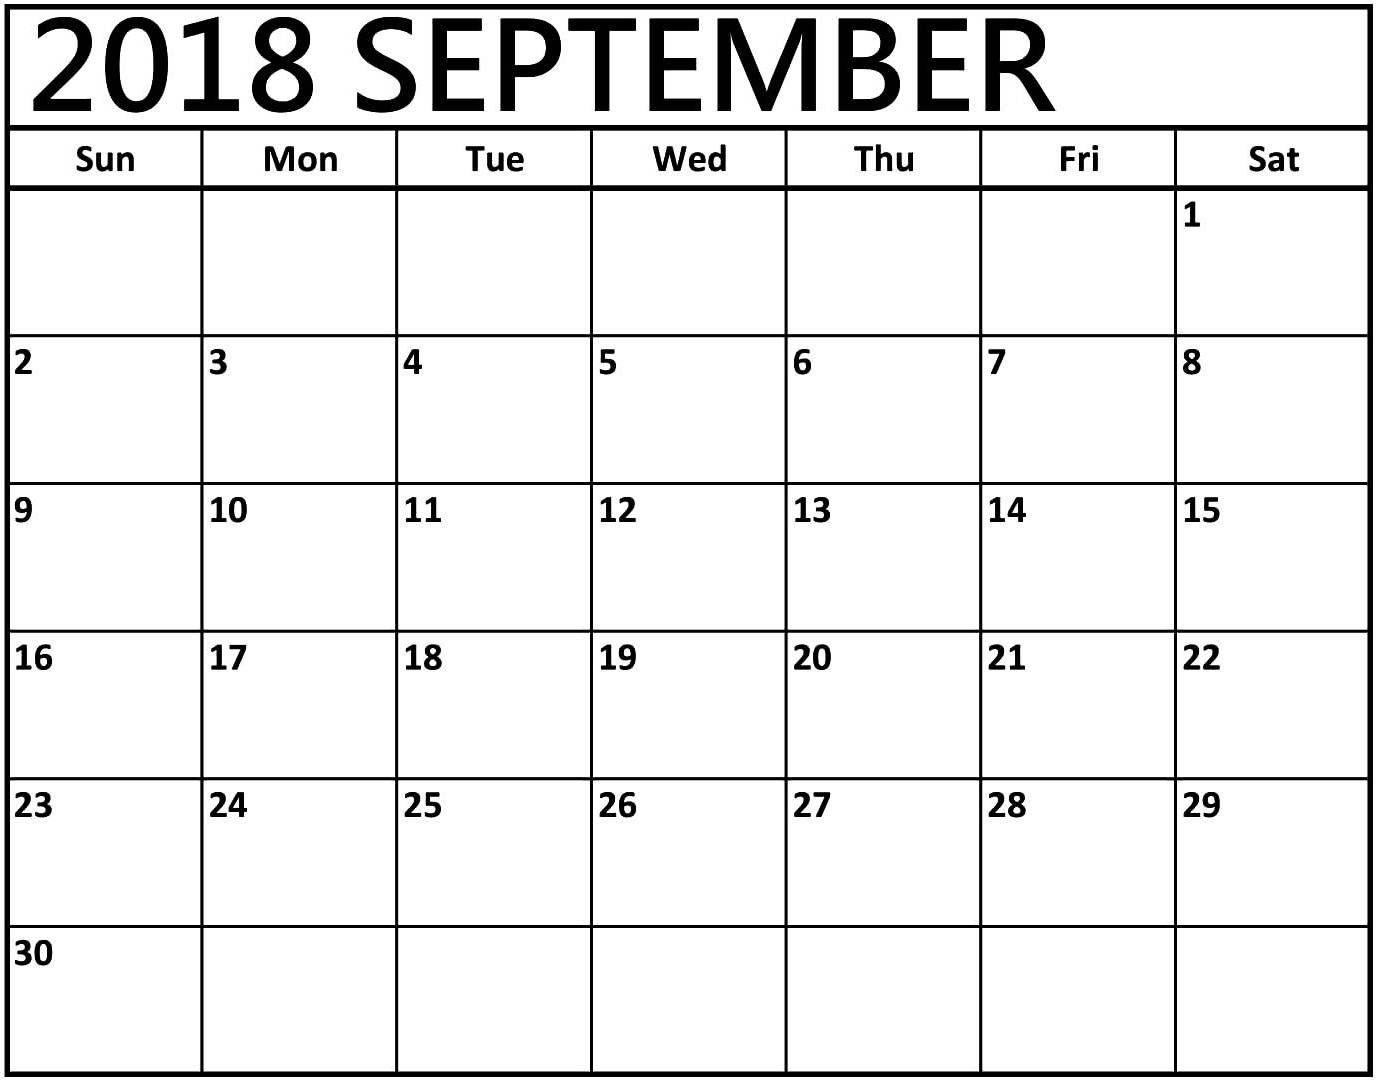 September 2018 Calendar Spanish September Calendar Free